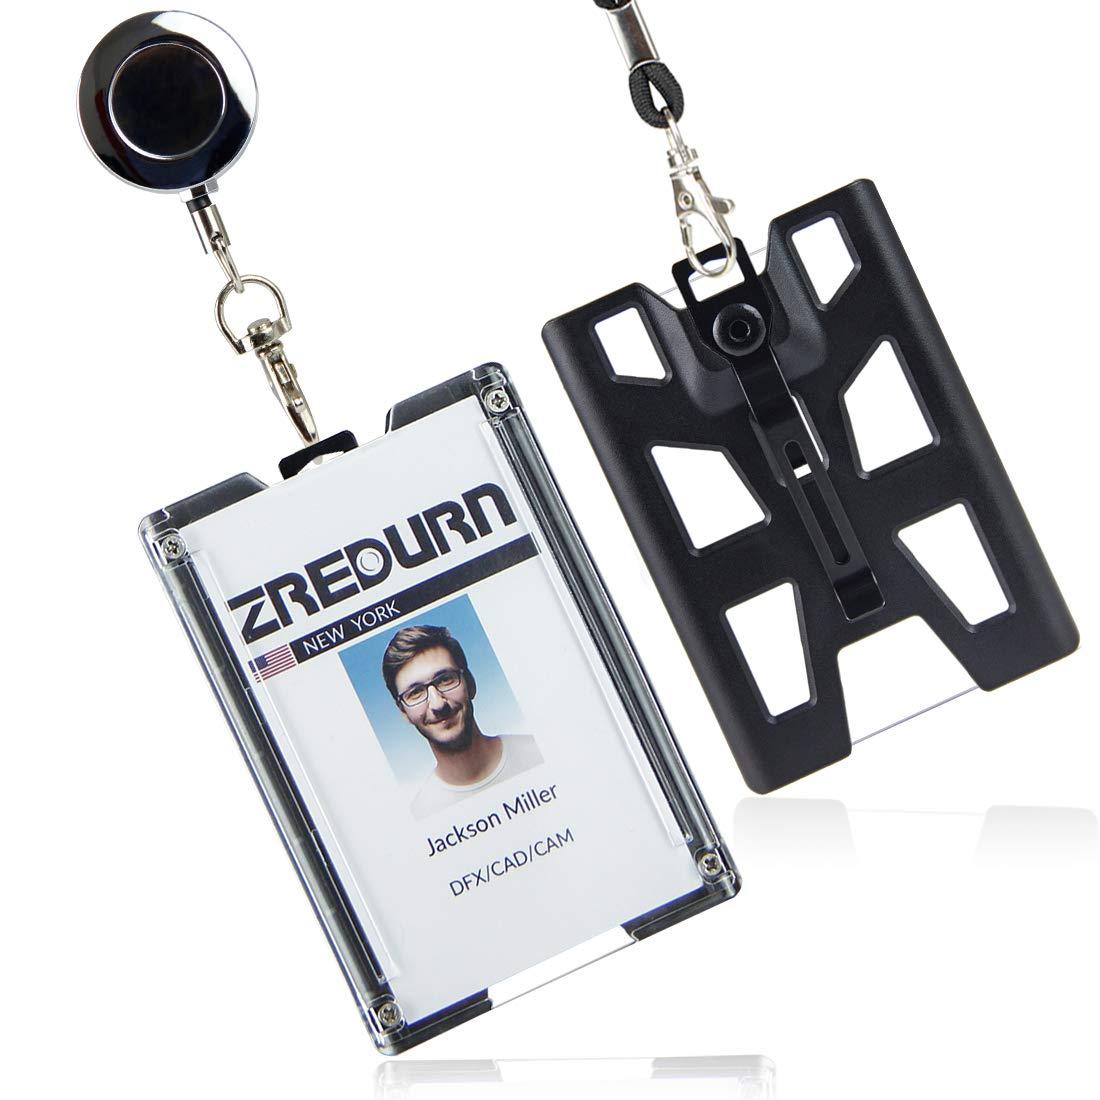 Zayex, 2 шт., новая модель, держатель для ID бейджа, чехол, кошелек с ремешком, держатель для ID бейджа, для школы, для офиса-in Аксессуары и держатели значков from Офисные и школьные принадлежности